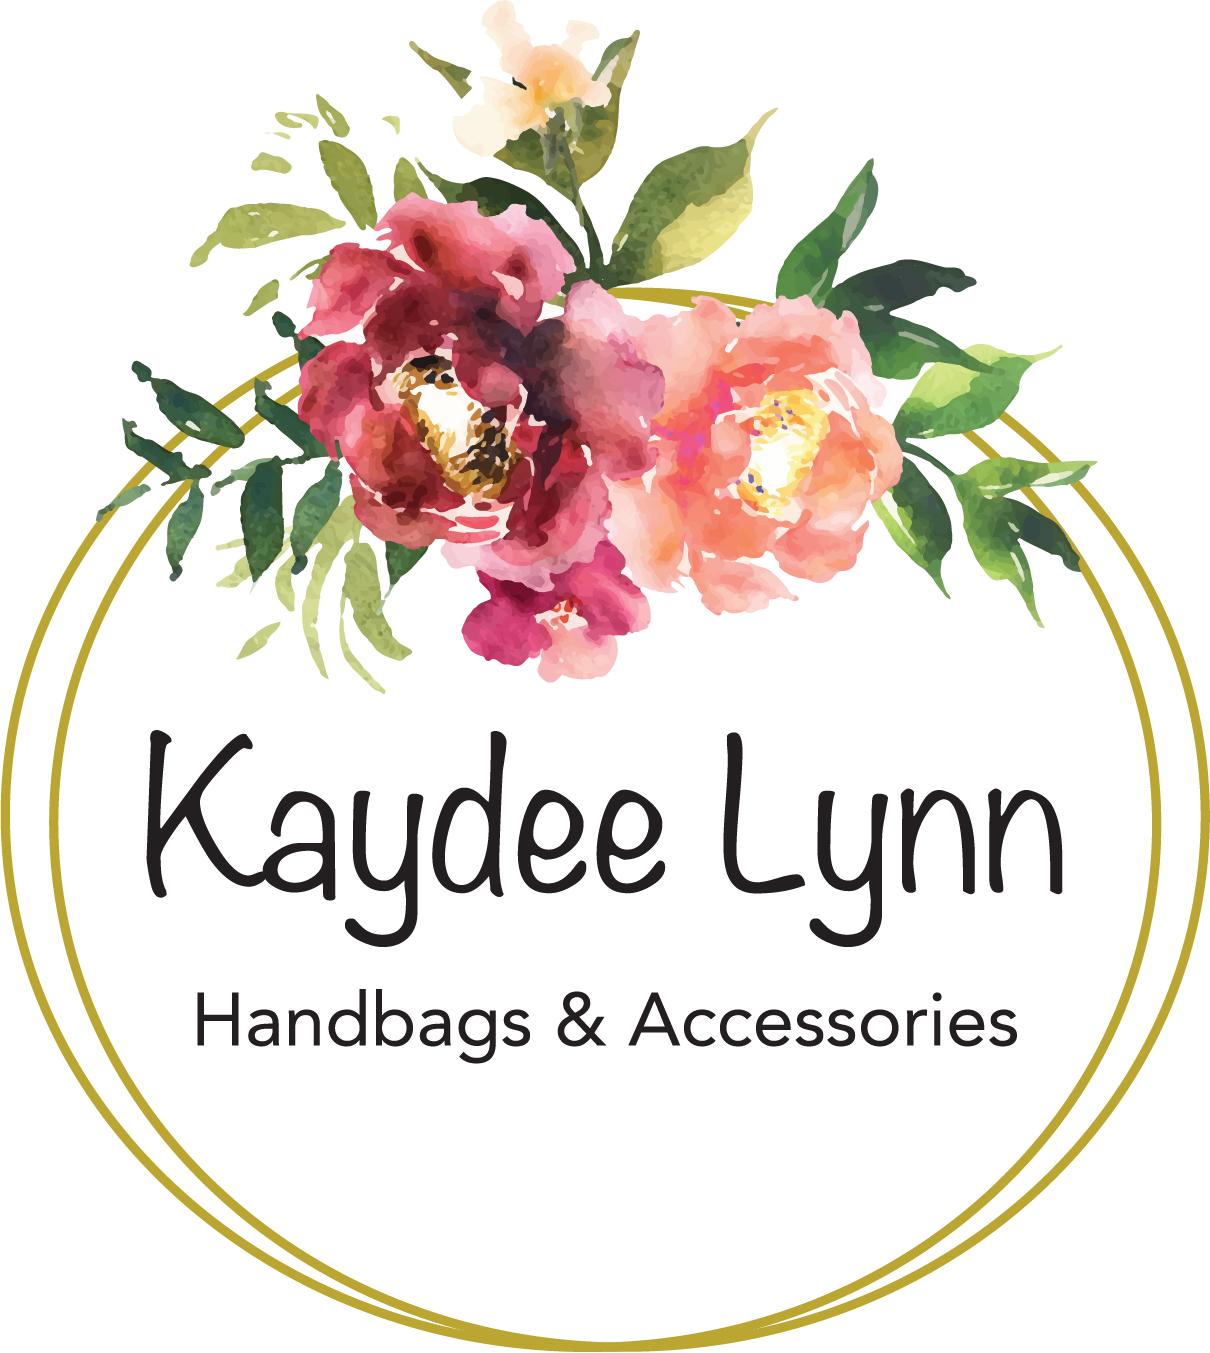 Kaydee Lynn